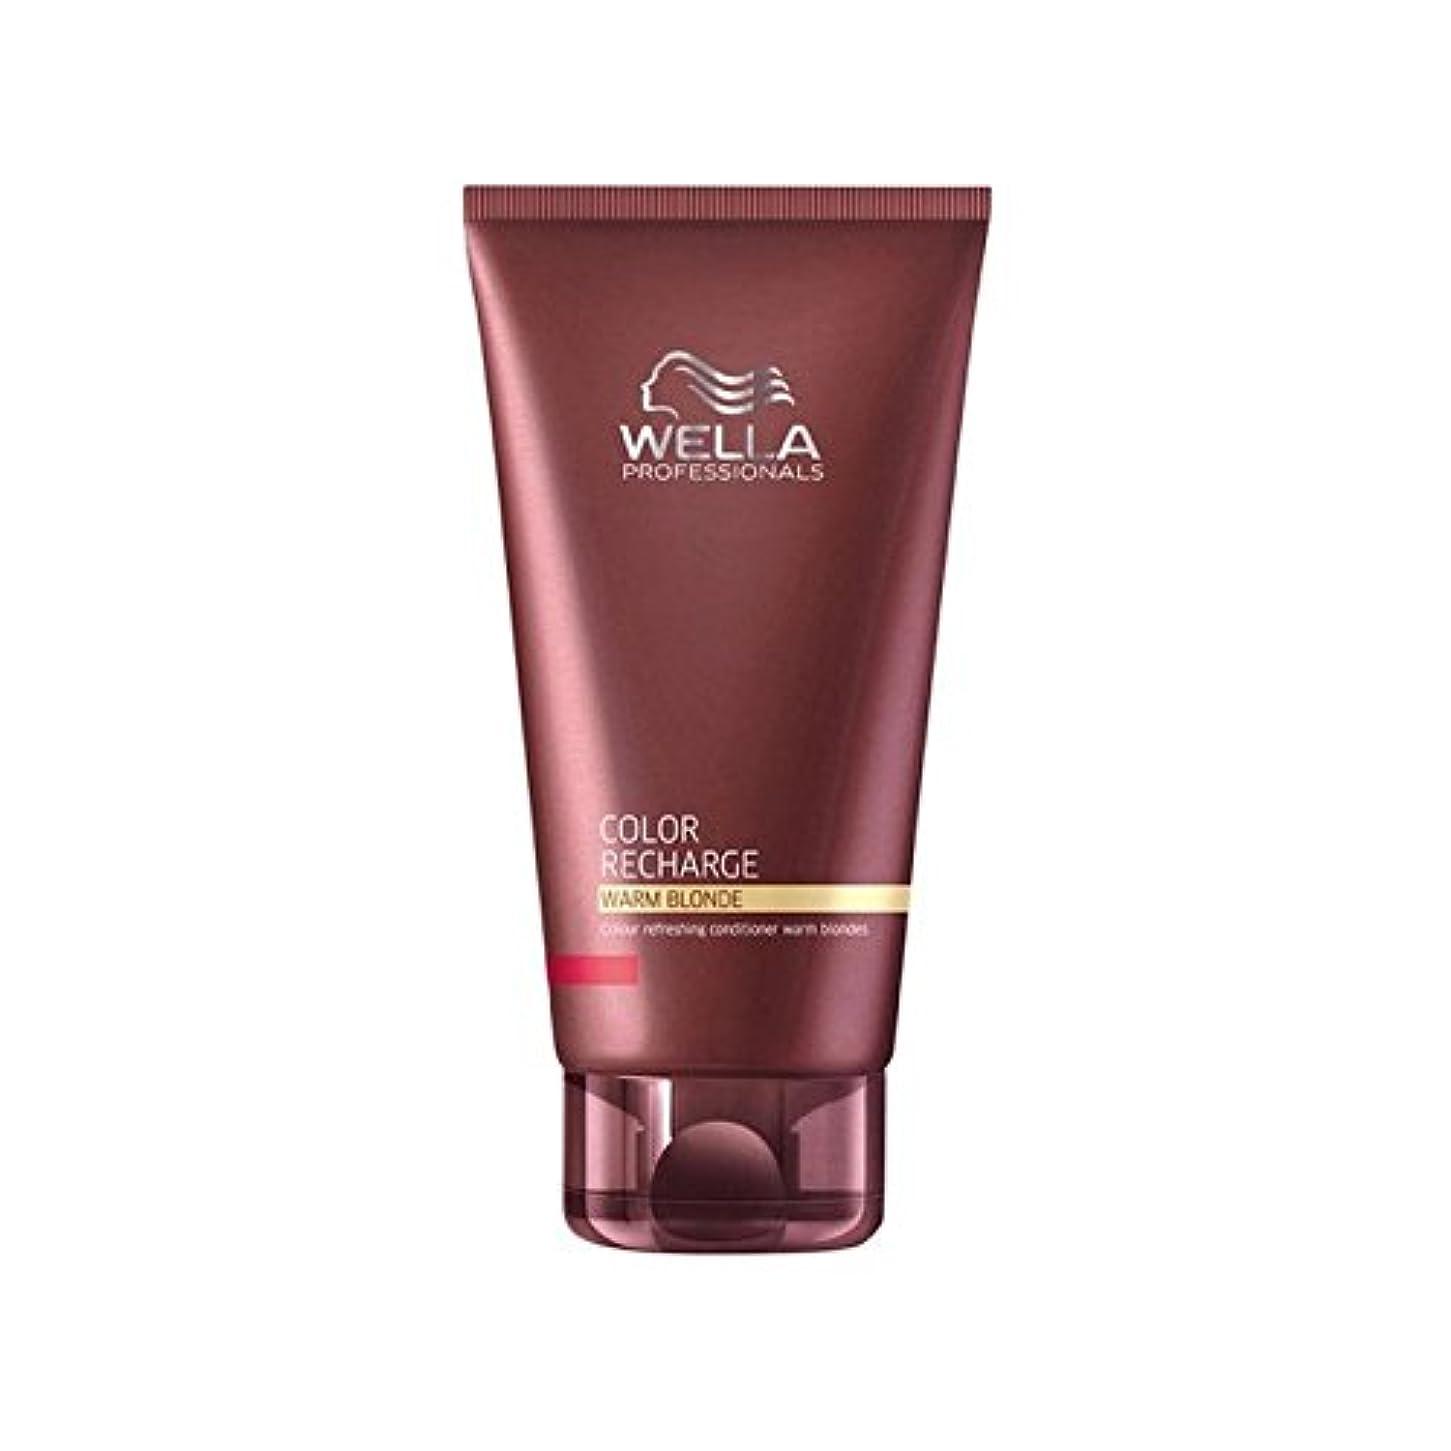 ステレオ計算可能額Wella Professionals Color Recharge Conditioner Warm Blonde (200ml) - ウエラ専門家のカラー再充電コンディショナー暖かいブロンド(200ミリリットル) [...